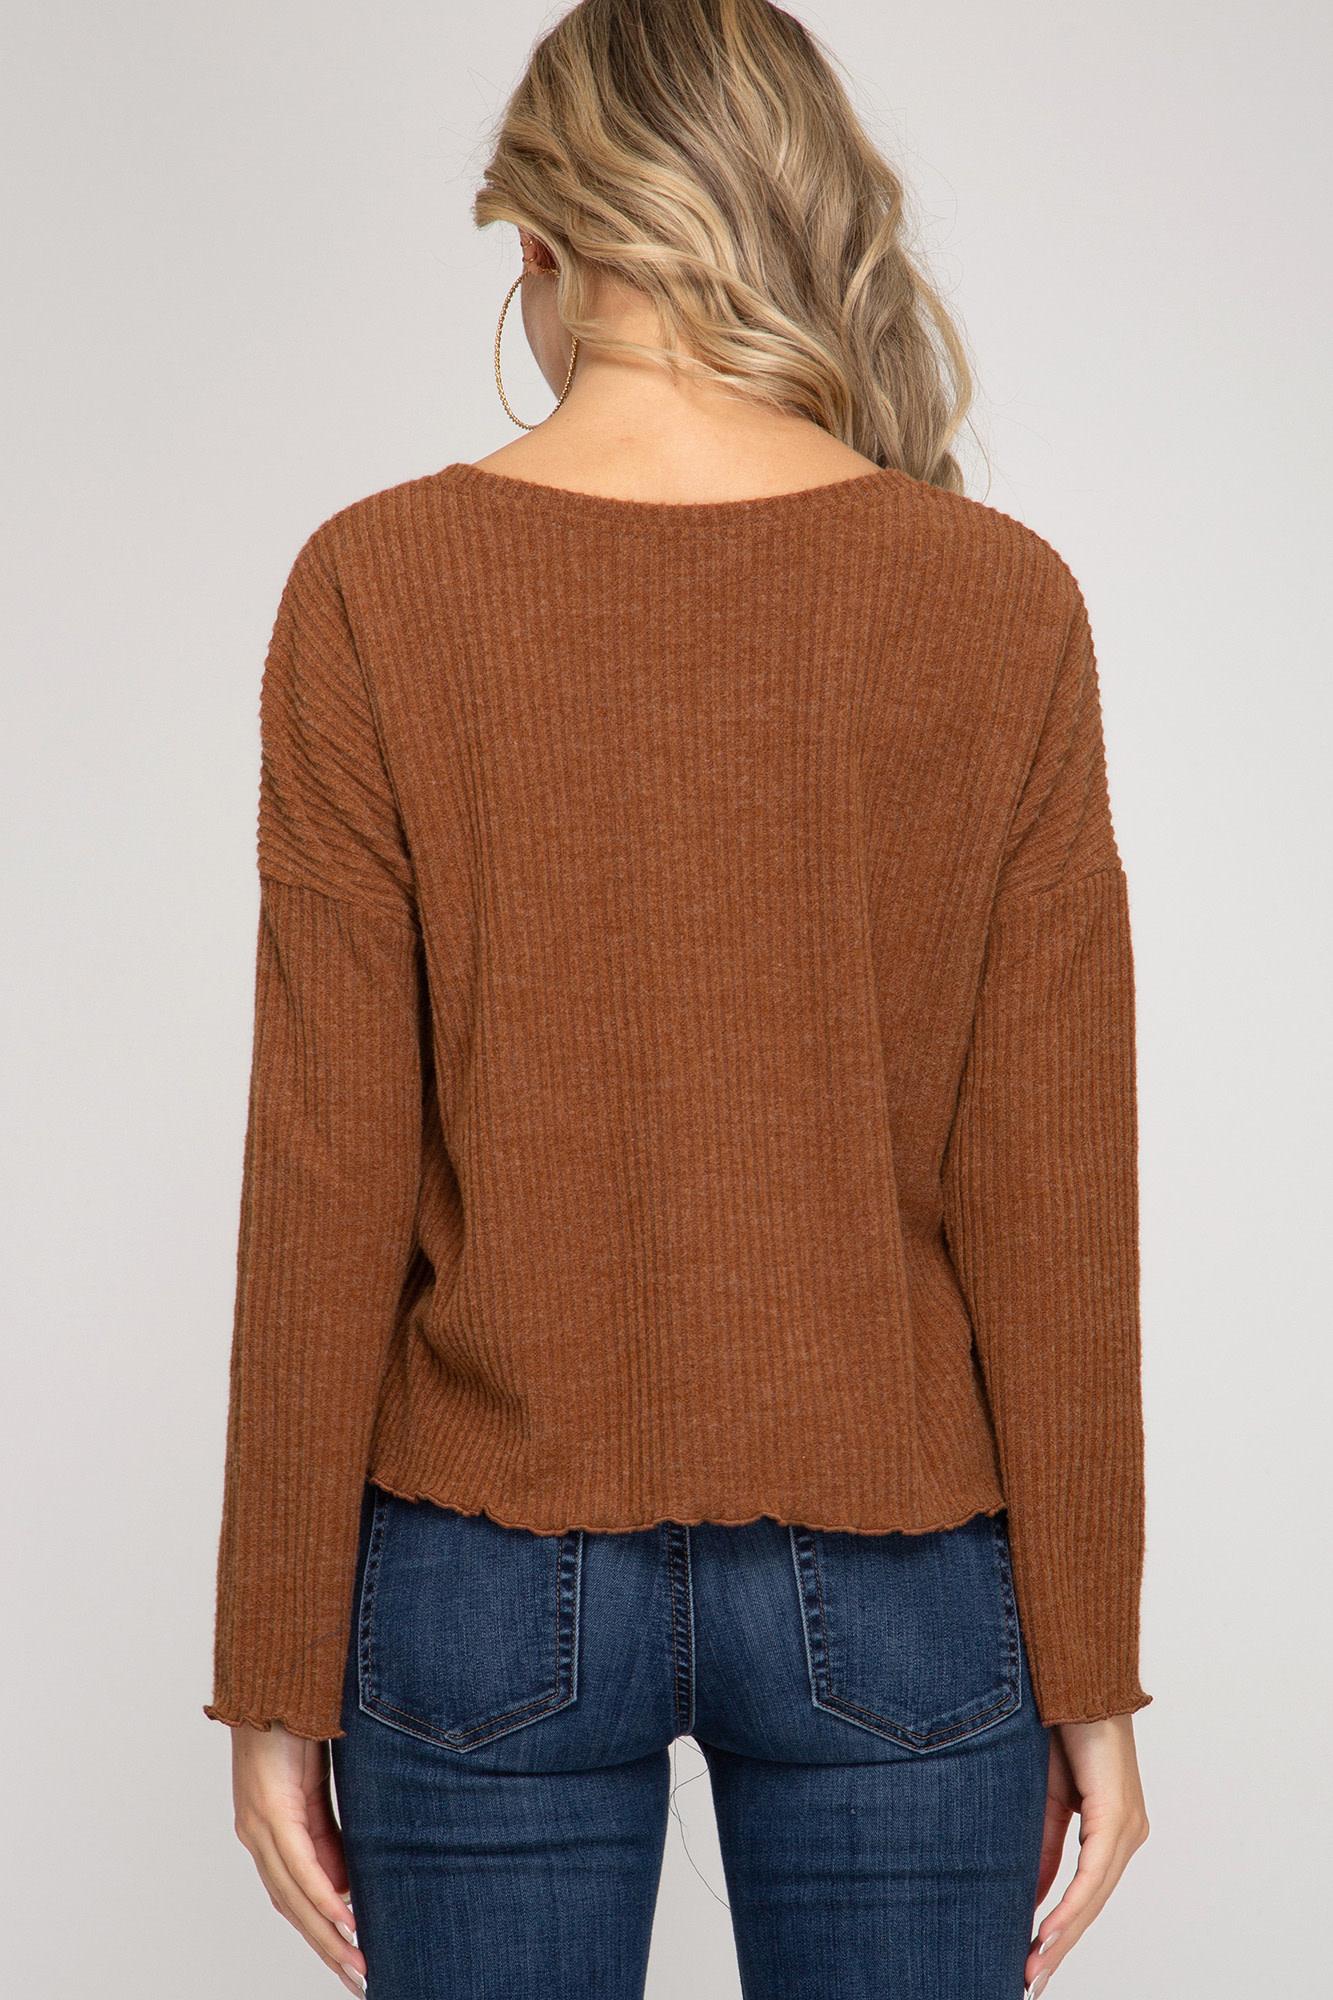 She + Sky Long Sleeve Rib Knit Top